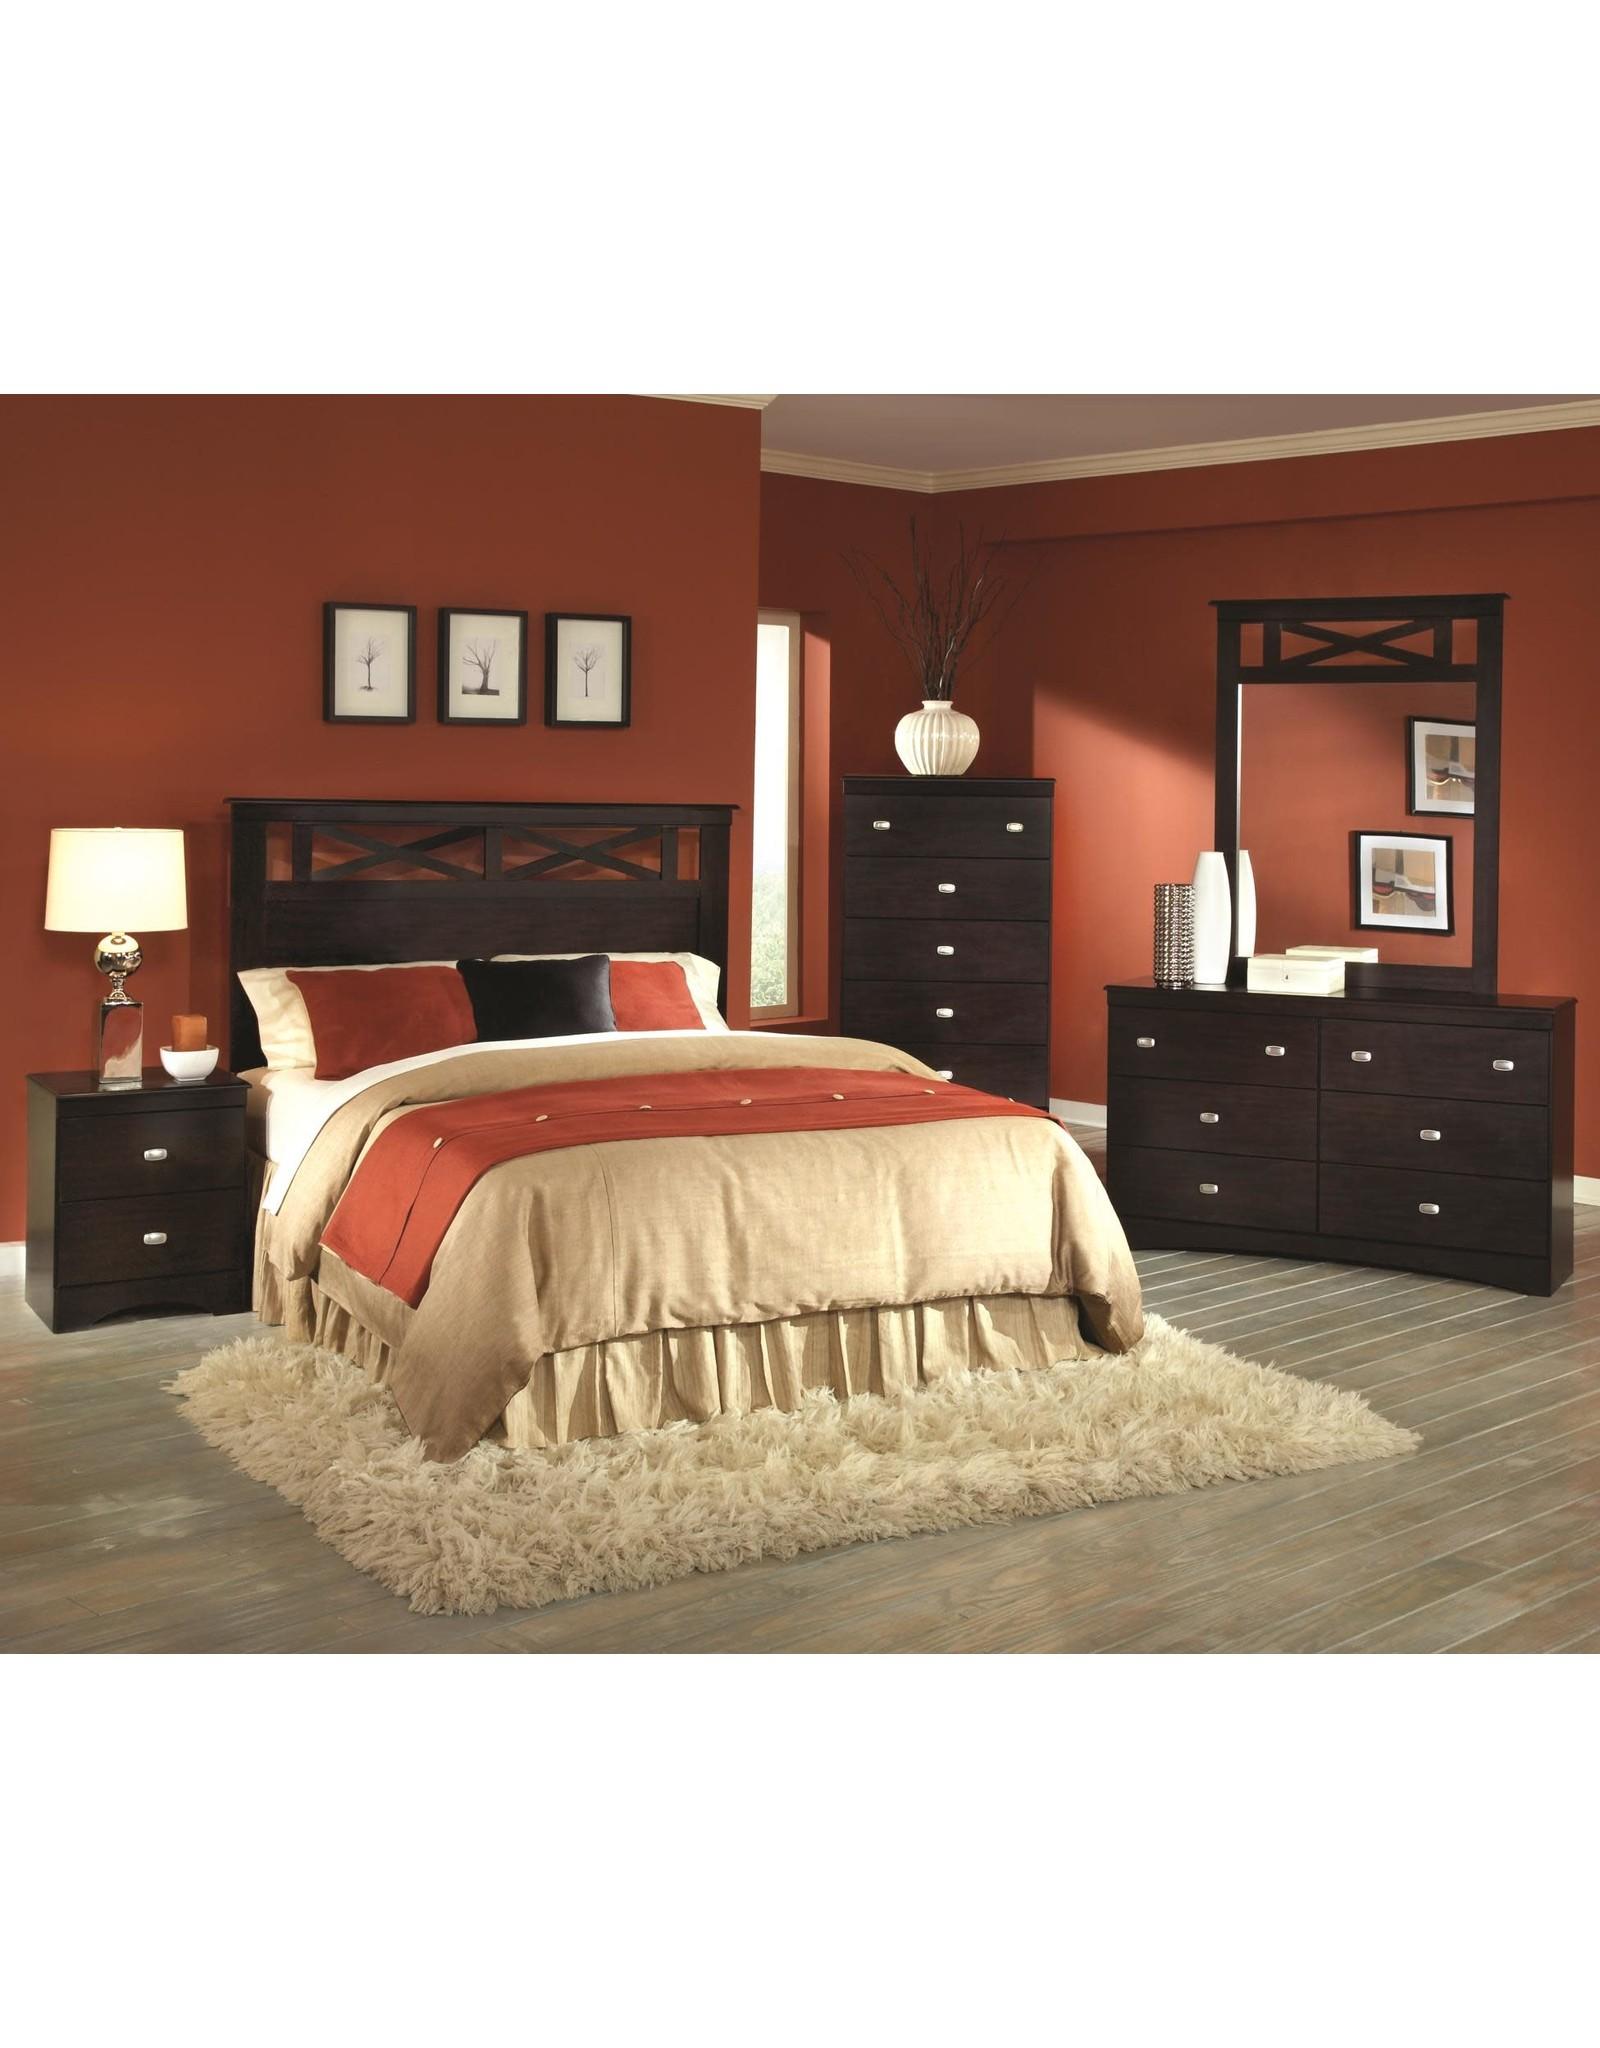 Tyler 230-F/Q HB, Dresser,Mirror,Bedframe